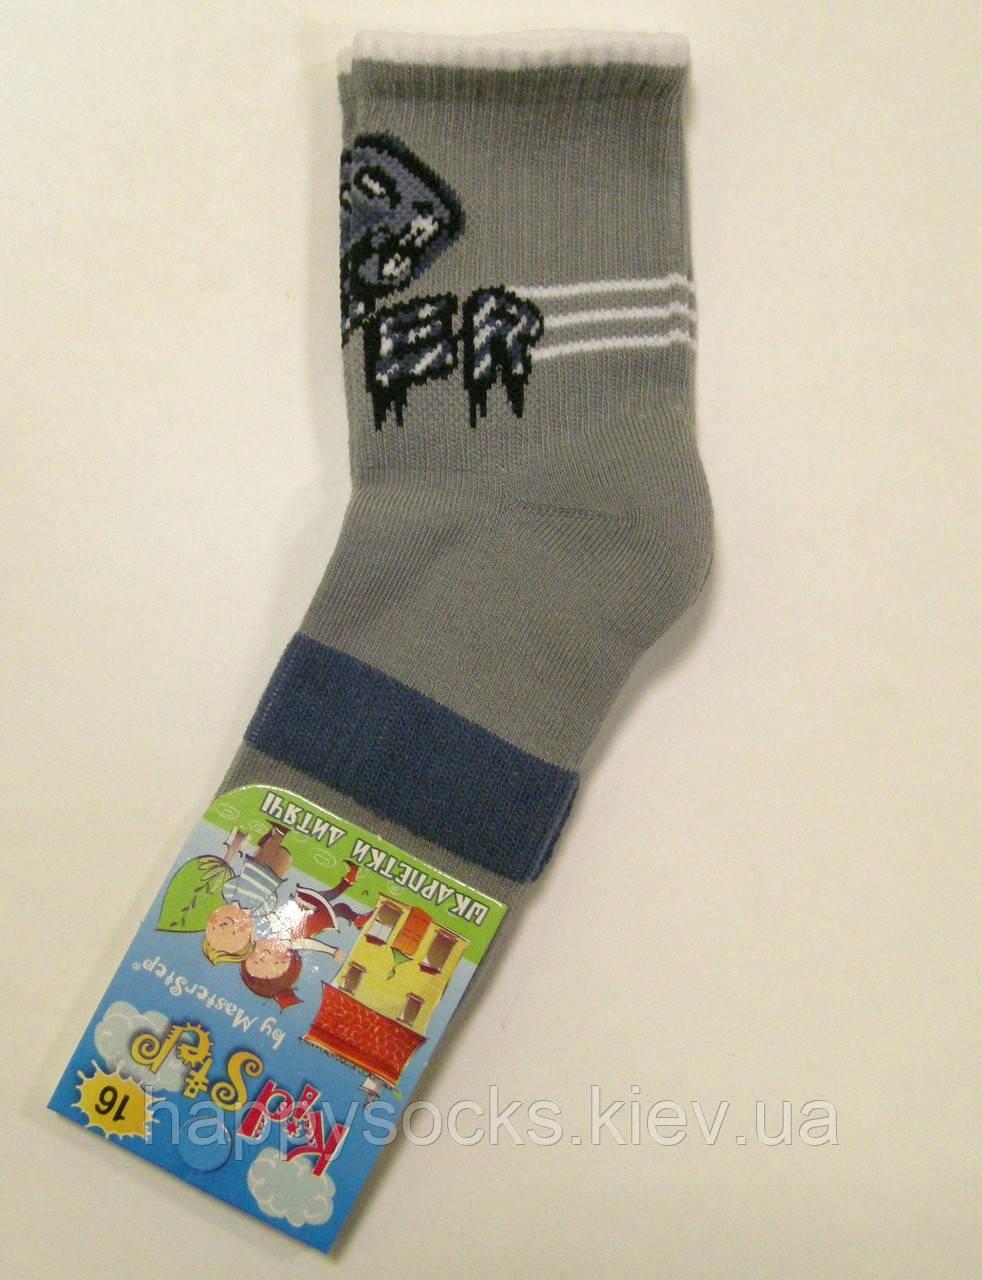 Носки хлопковые с махровым следом для мальчика с пантерой